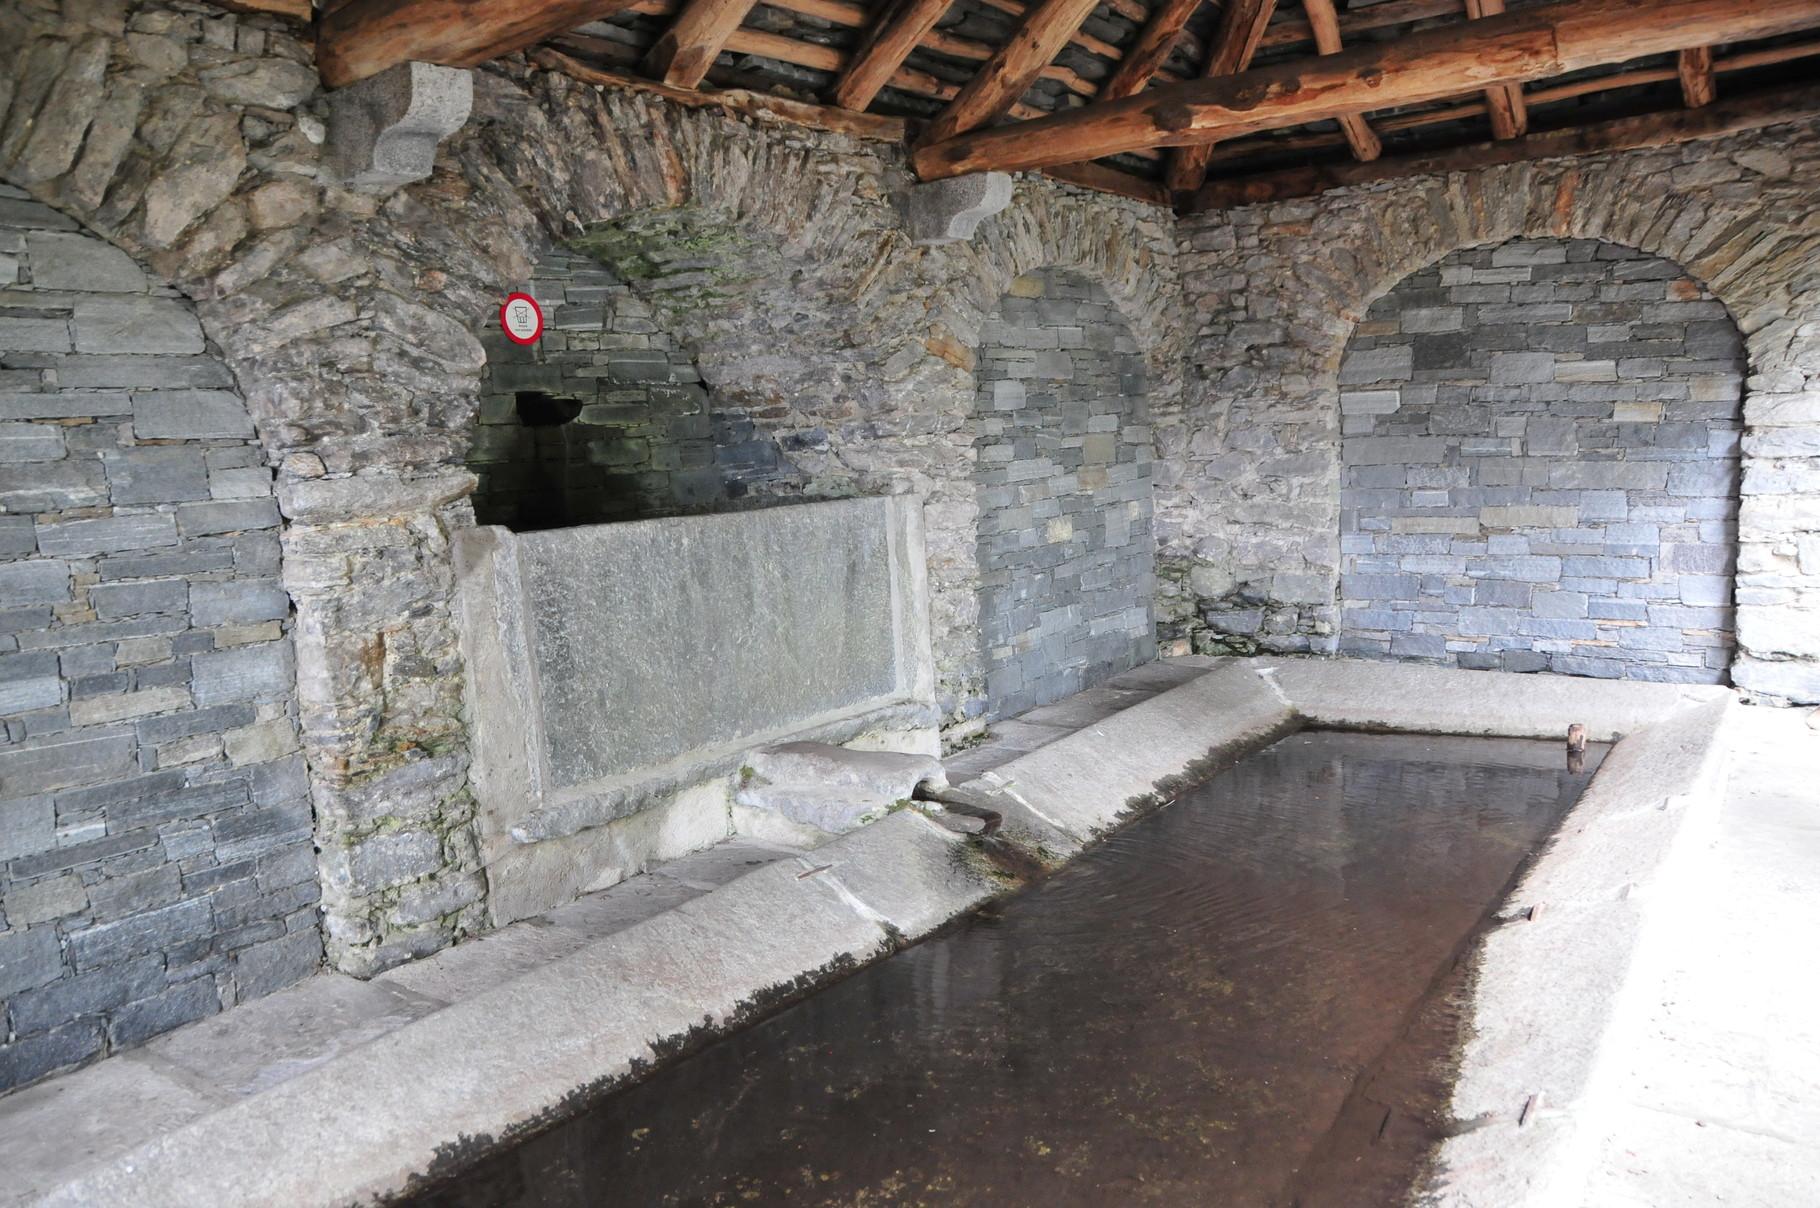 Das alte Waschhaus, Brione sopra Minusio